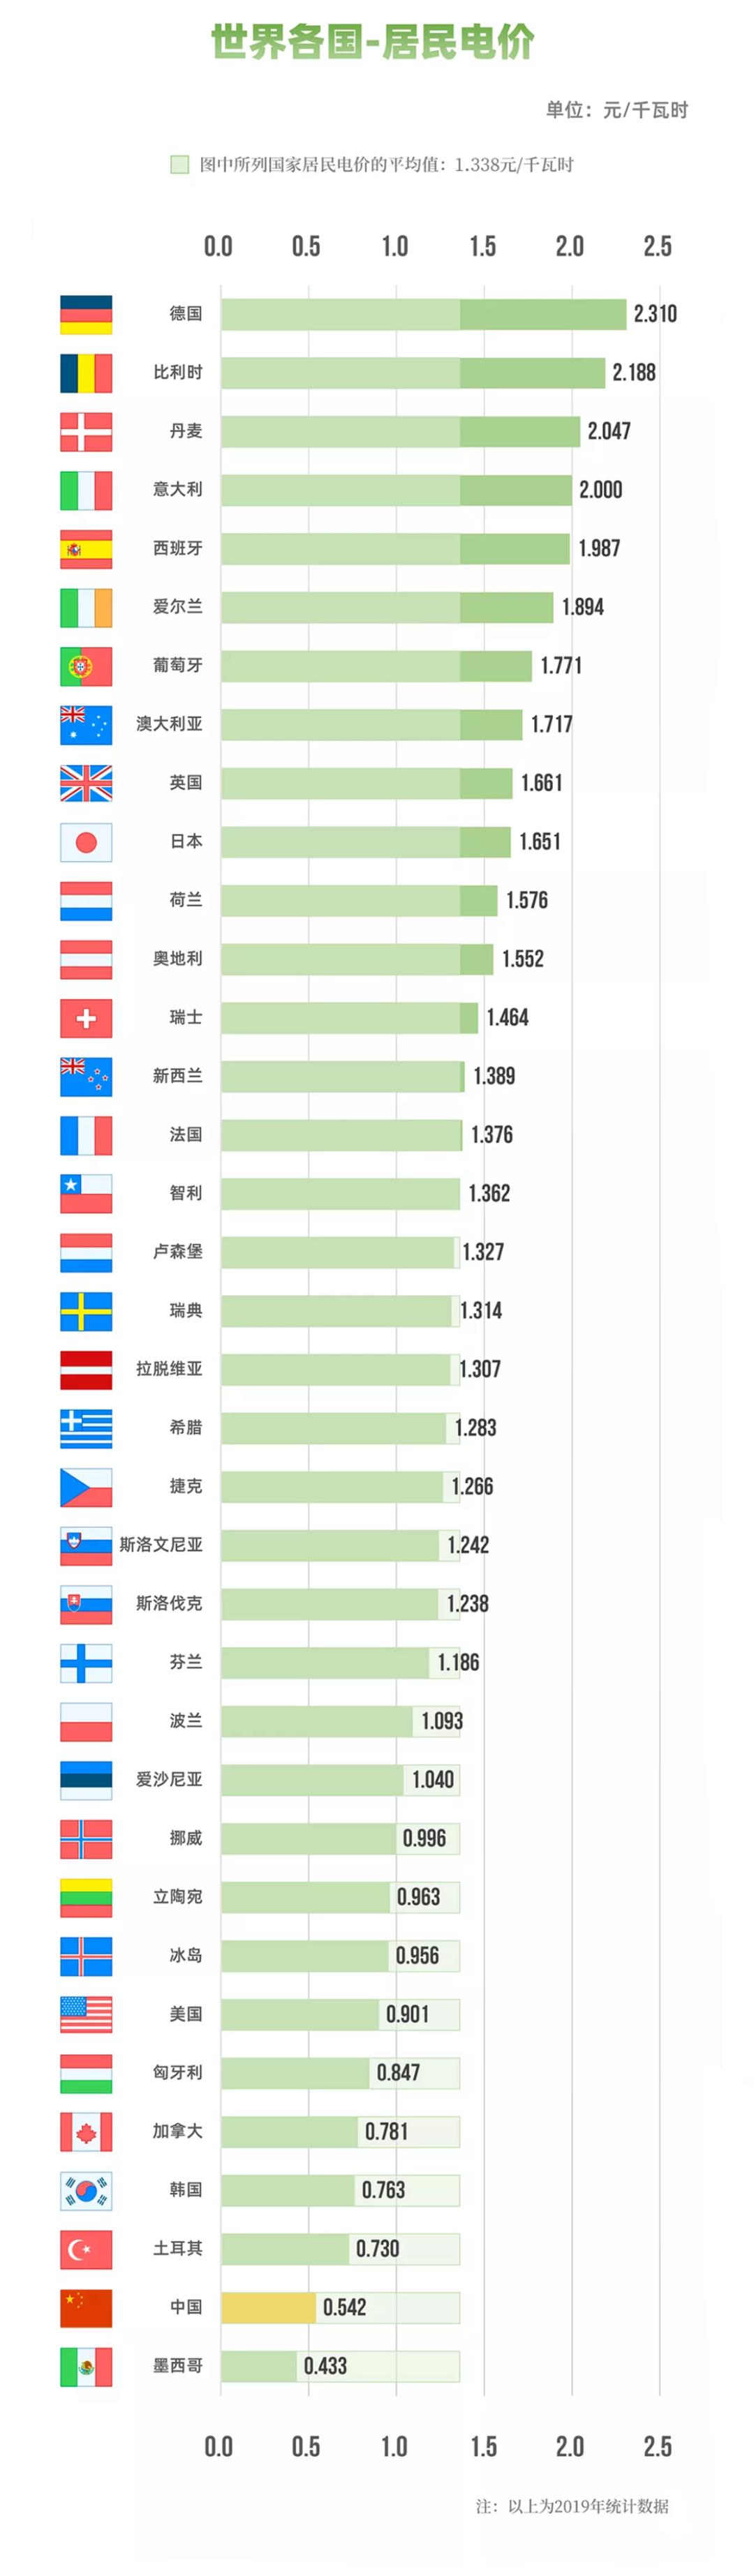 国家电网:图说电价水平